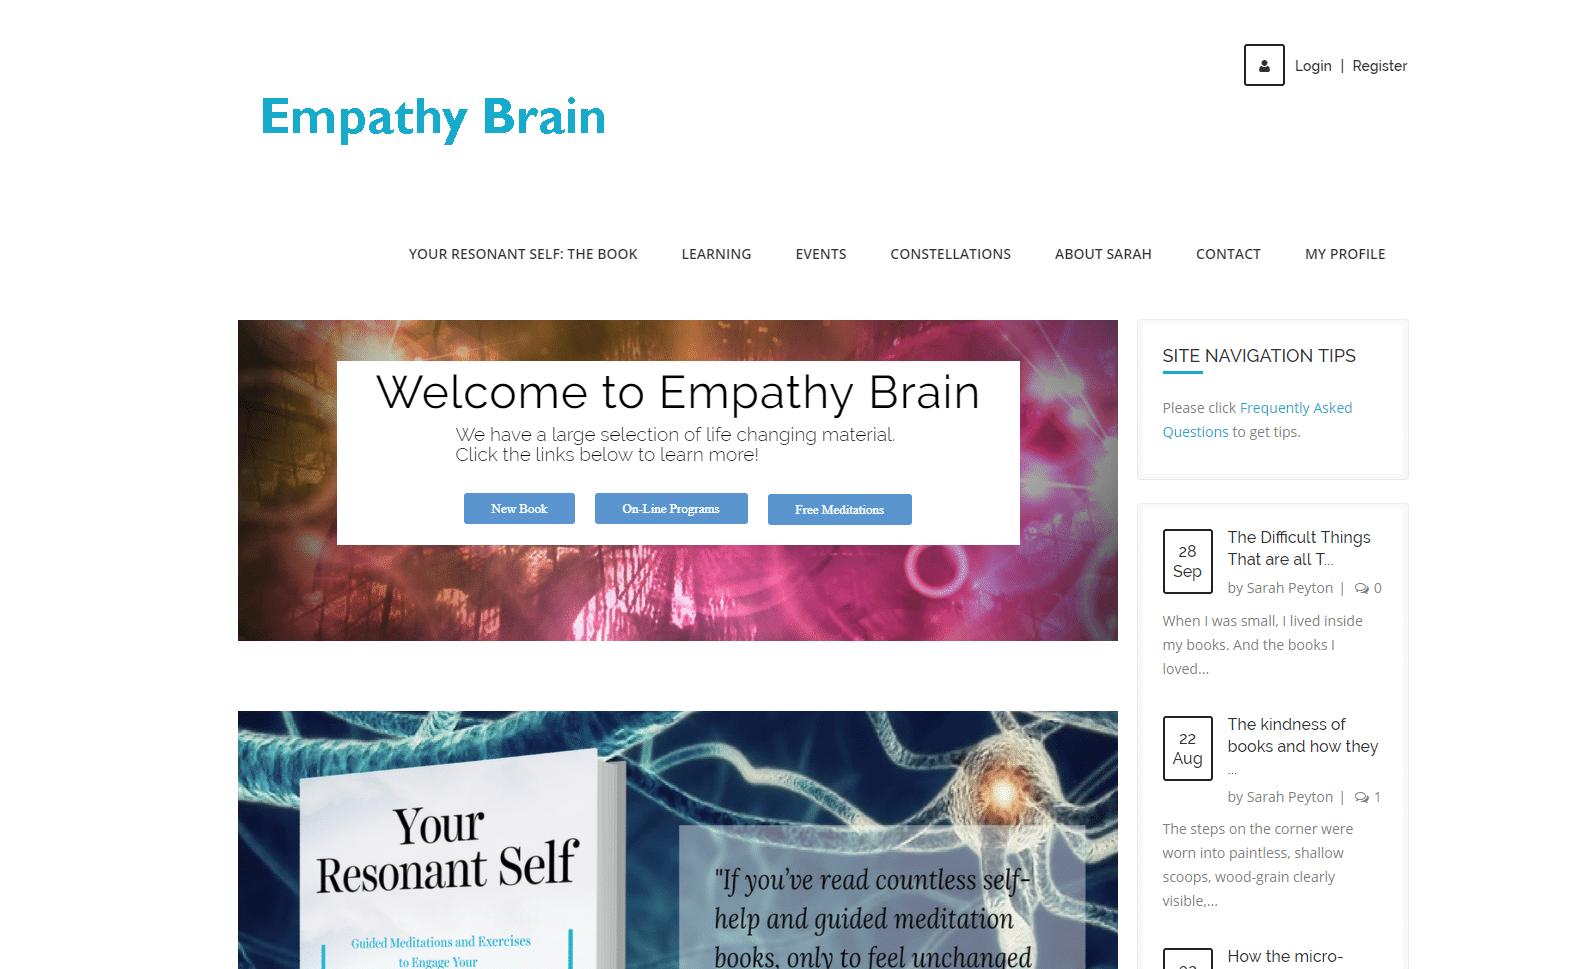 http://empathybrain.com